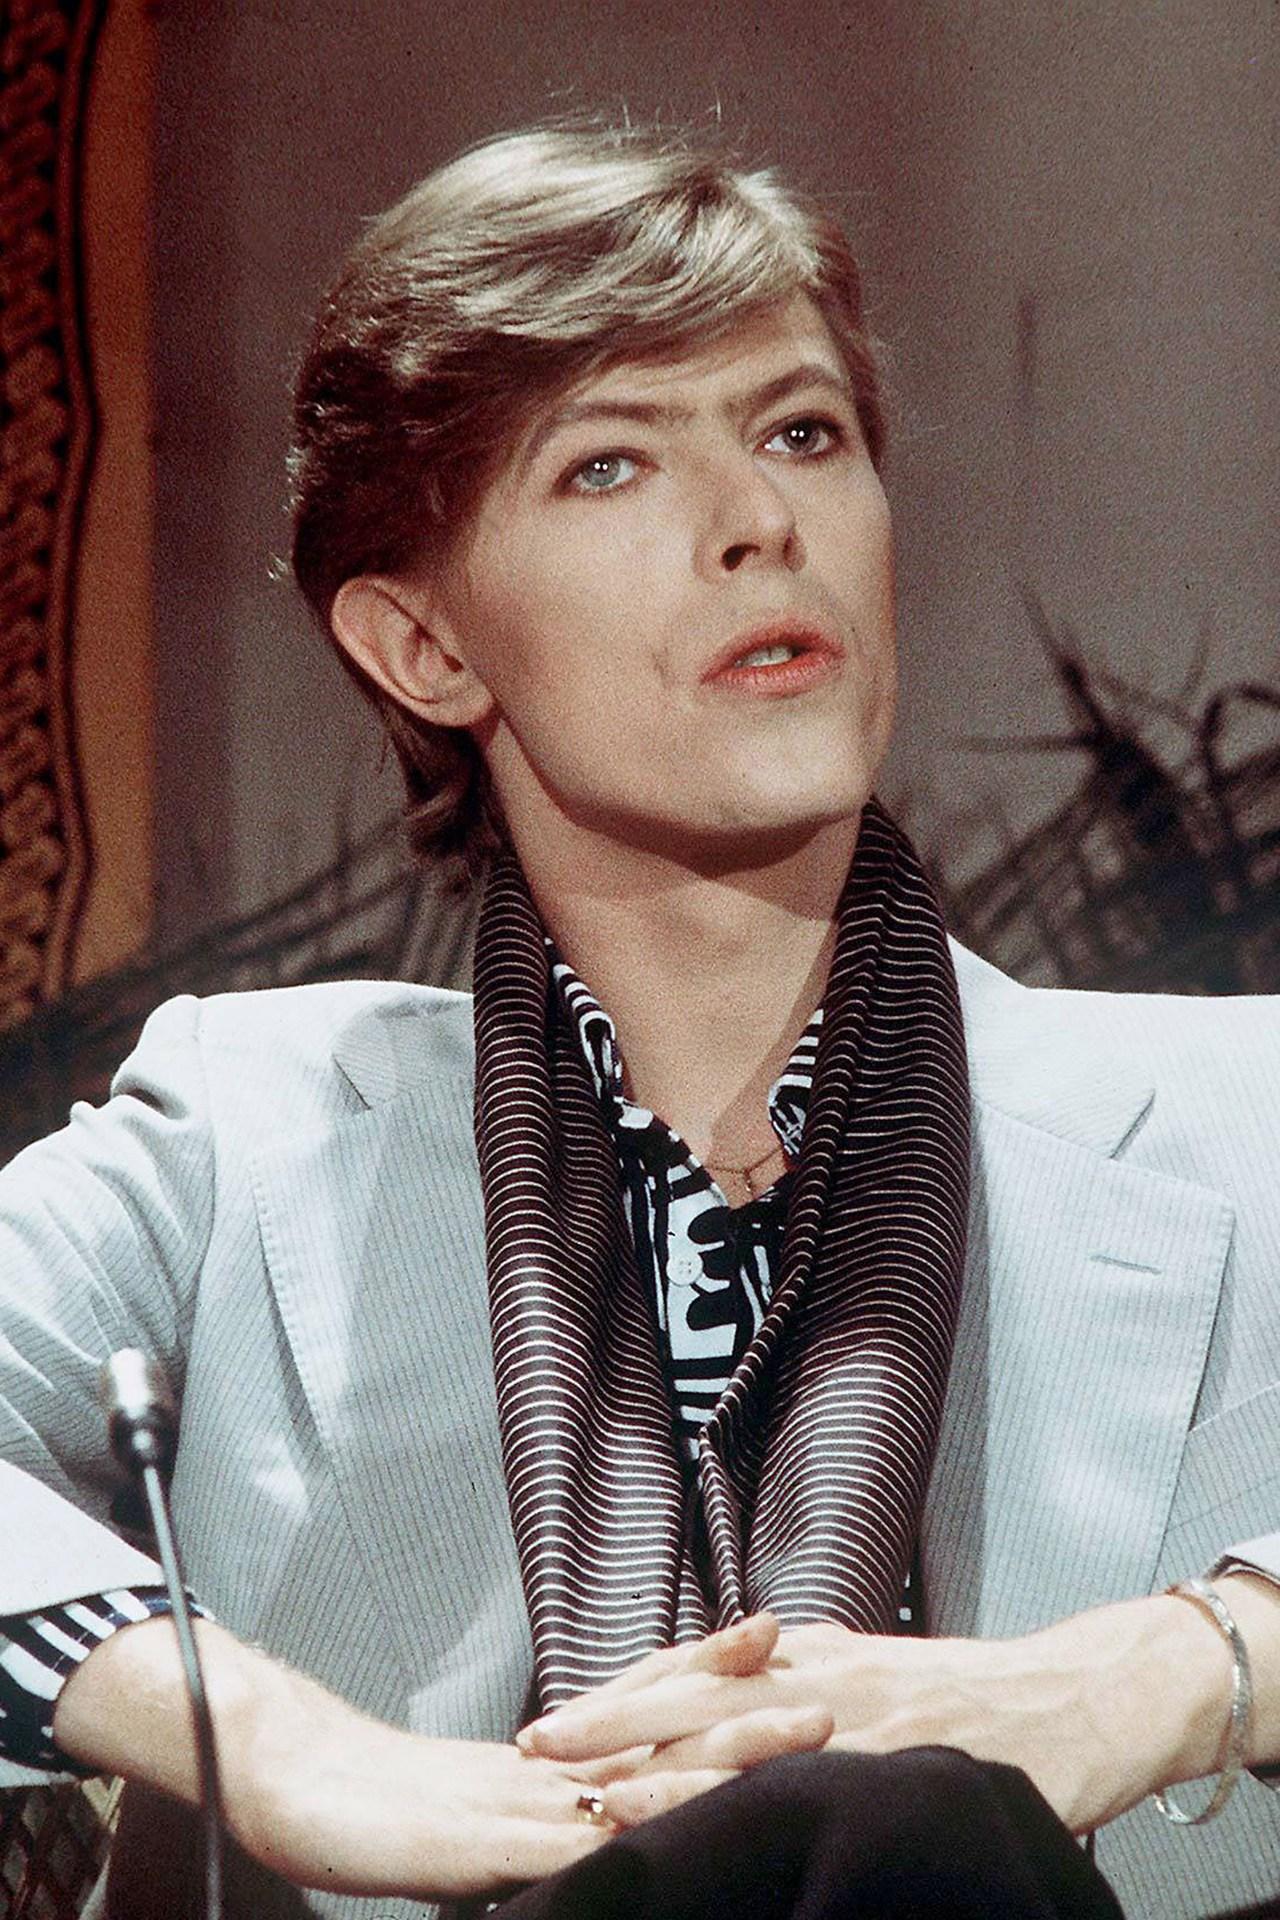 Bowie nel suo periodo berlinese